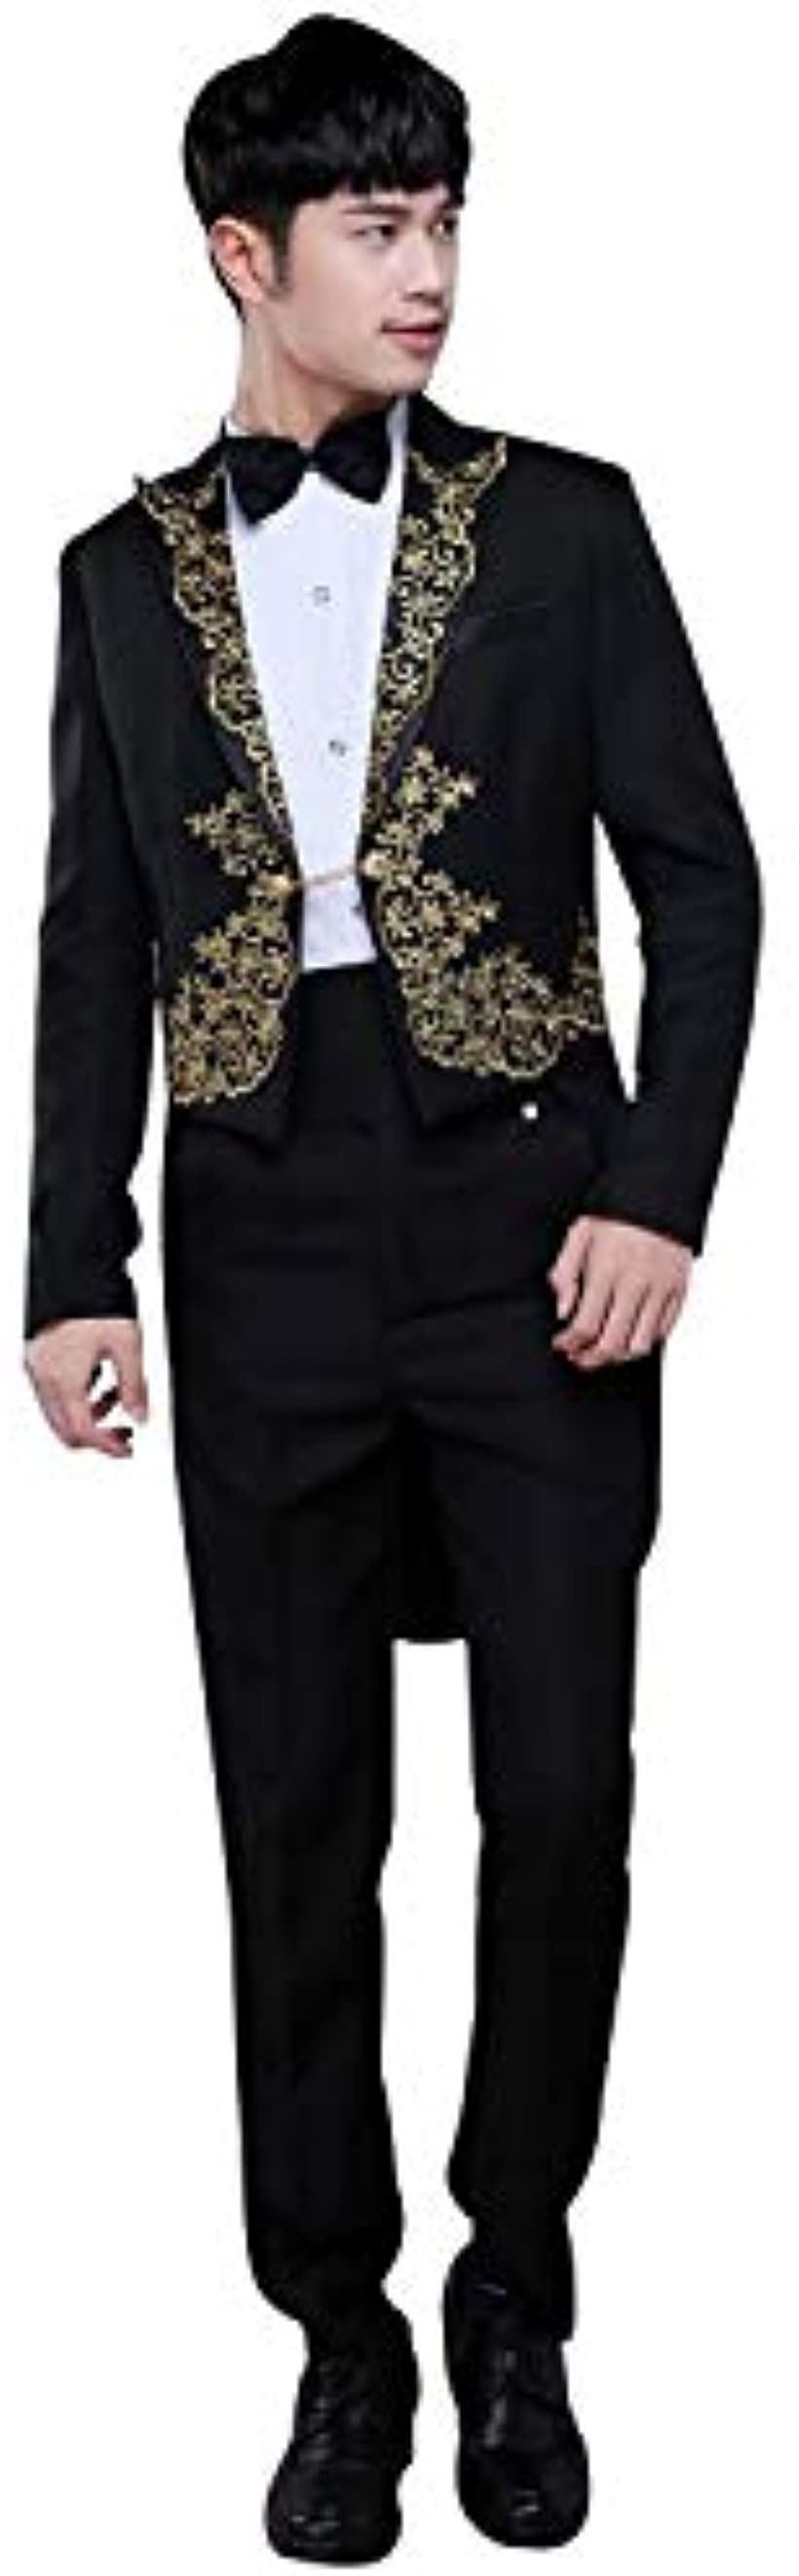 メンズ タキシード 衣装 貴族 コスプレ ハロウィン 仮装 ジャケット 4点セット Lサイズ(ブラック, L):REAPRI